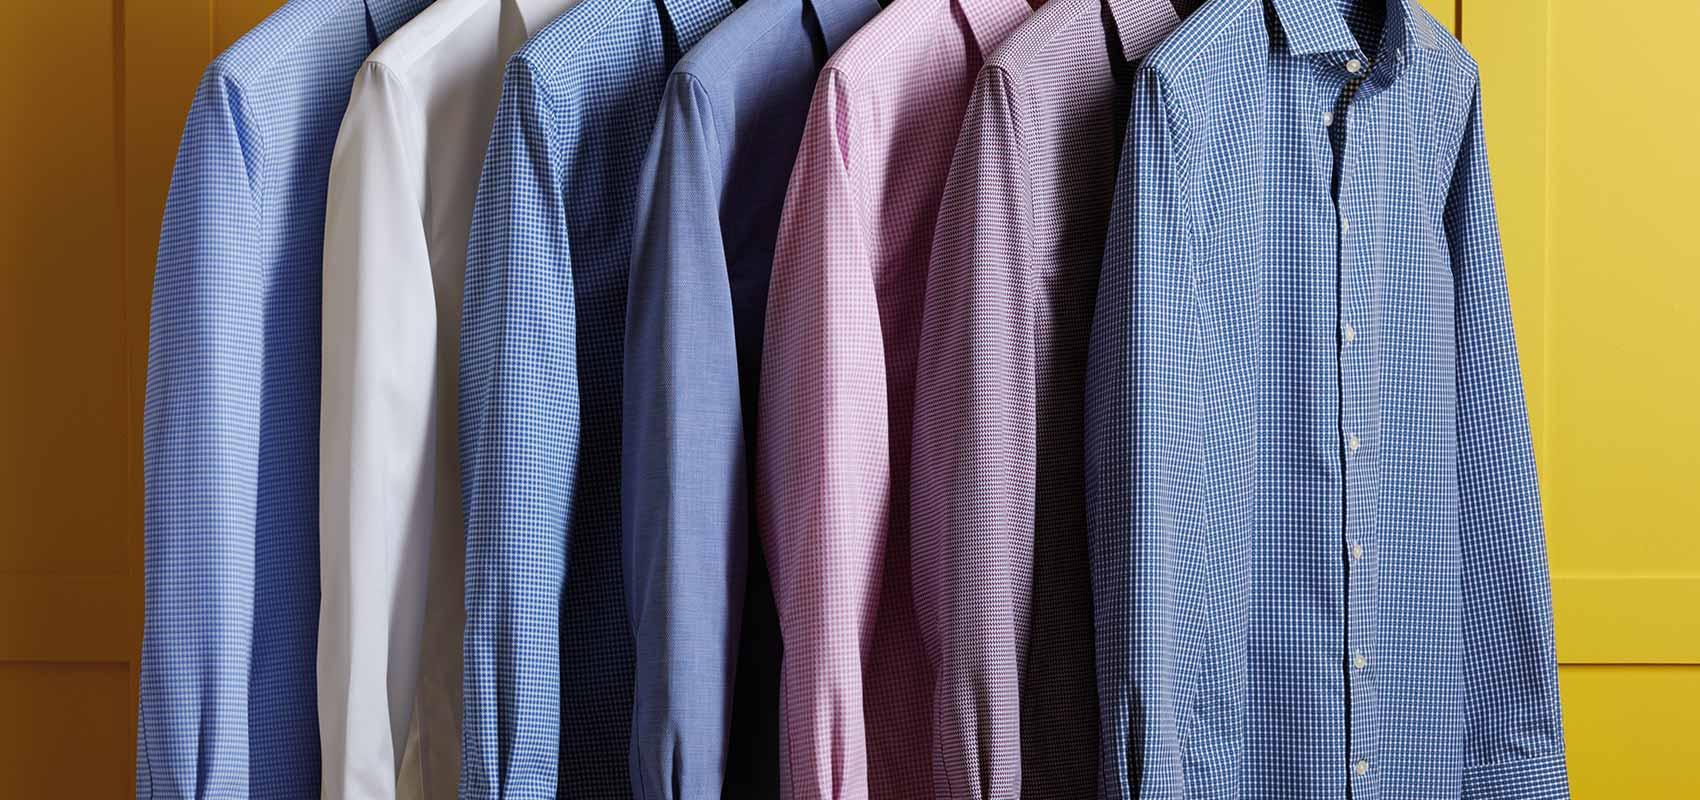 Charles Tyrwhitt business casual modern texture shirts